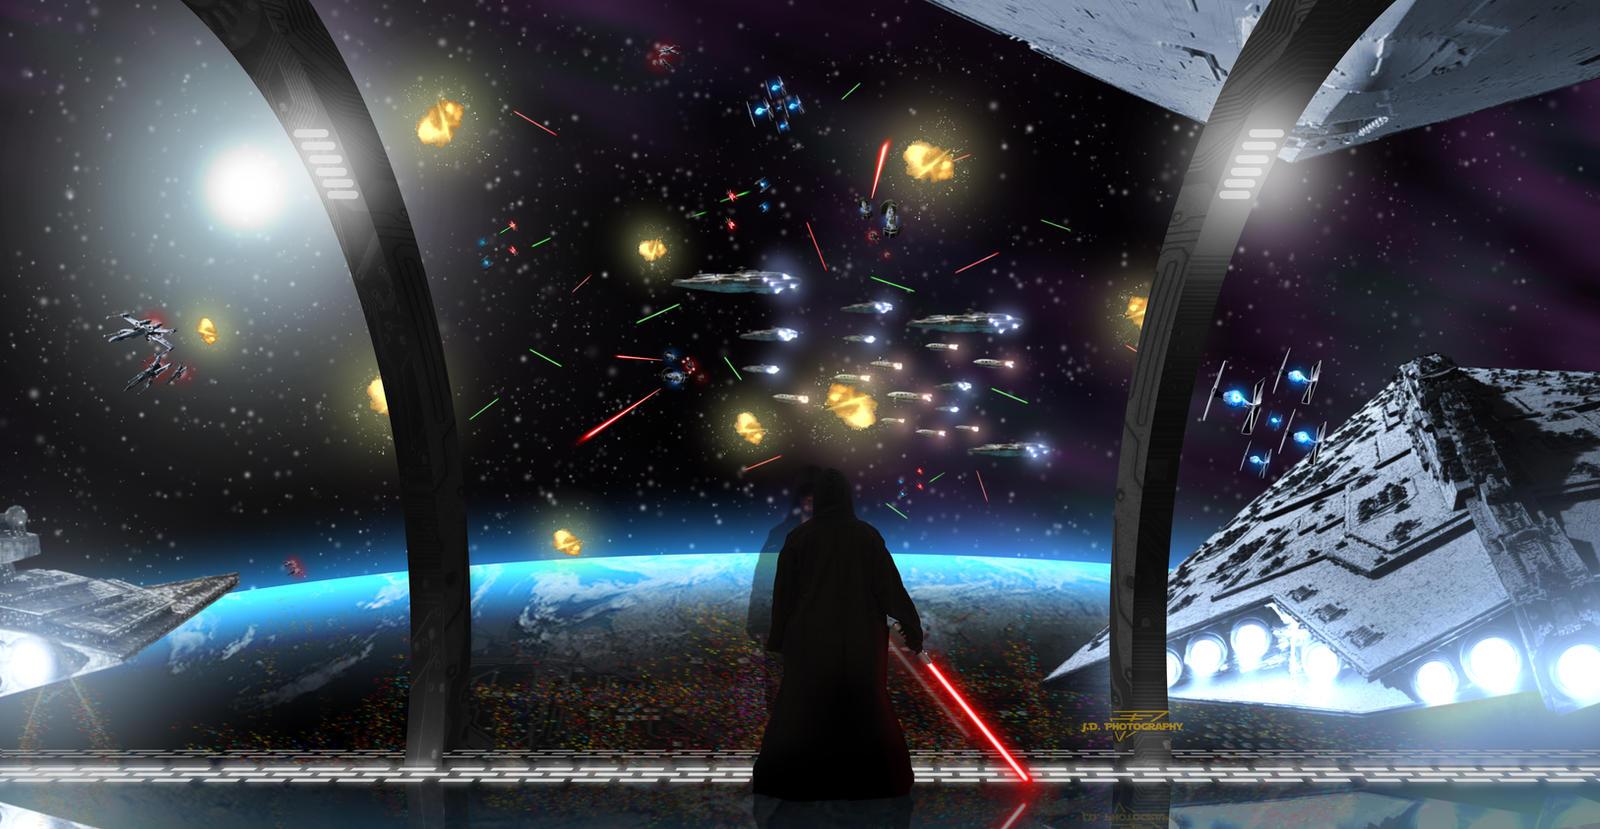 Star Wars Space Battle by Einon-Y on DeviantArt